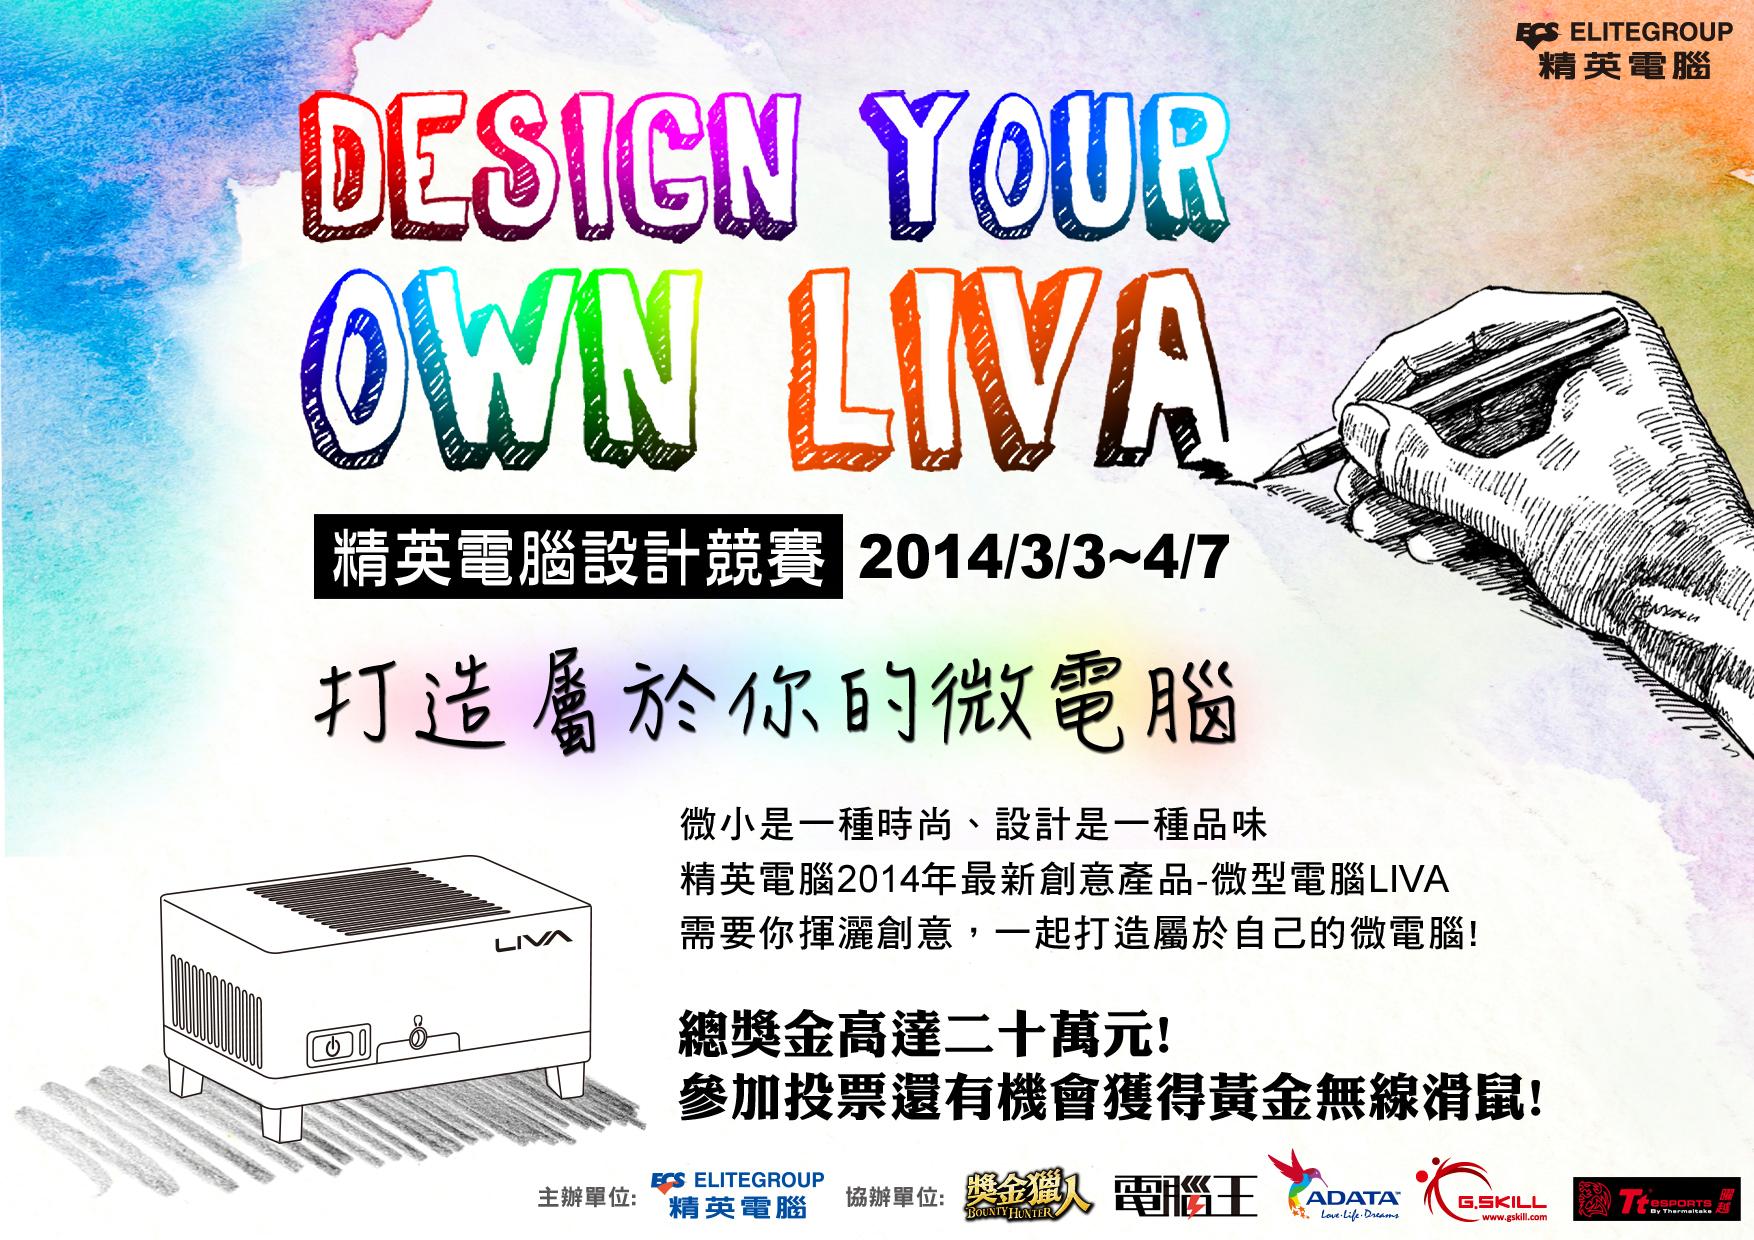 【活動】Design your own LIVA -精英電腦設計競賽 (2014/03/03 - 04/08)